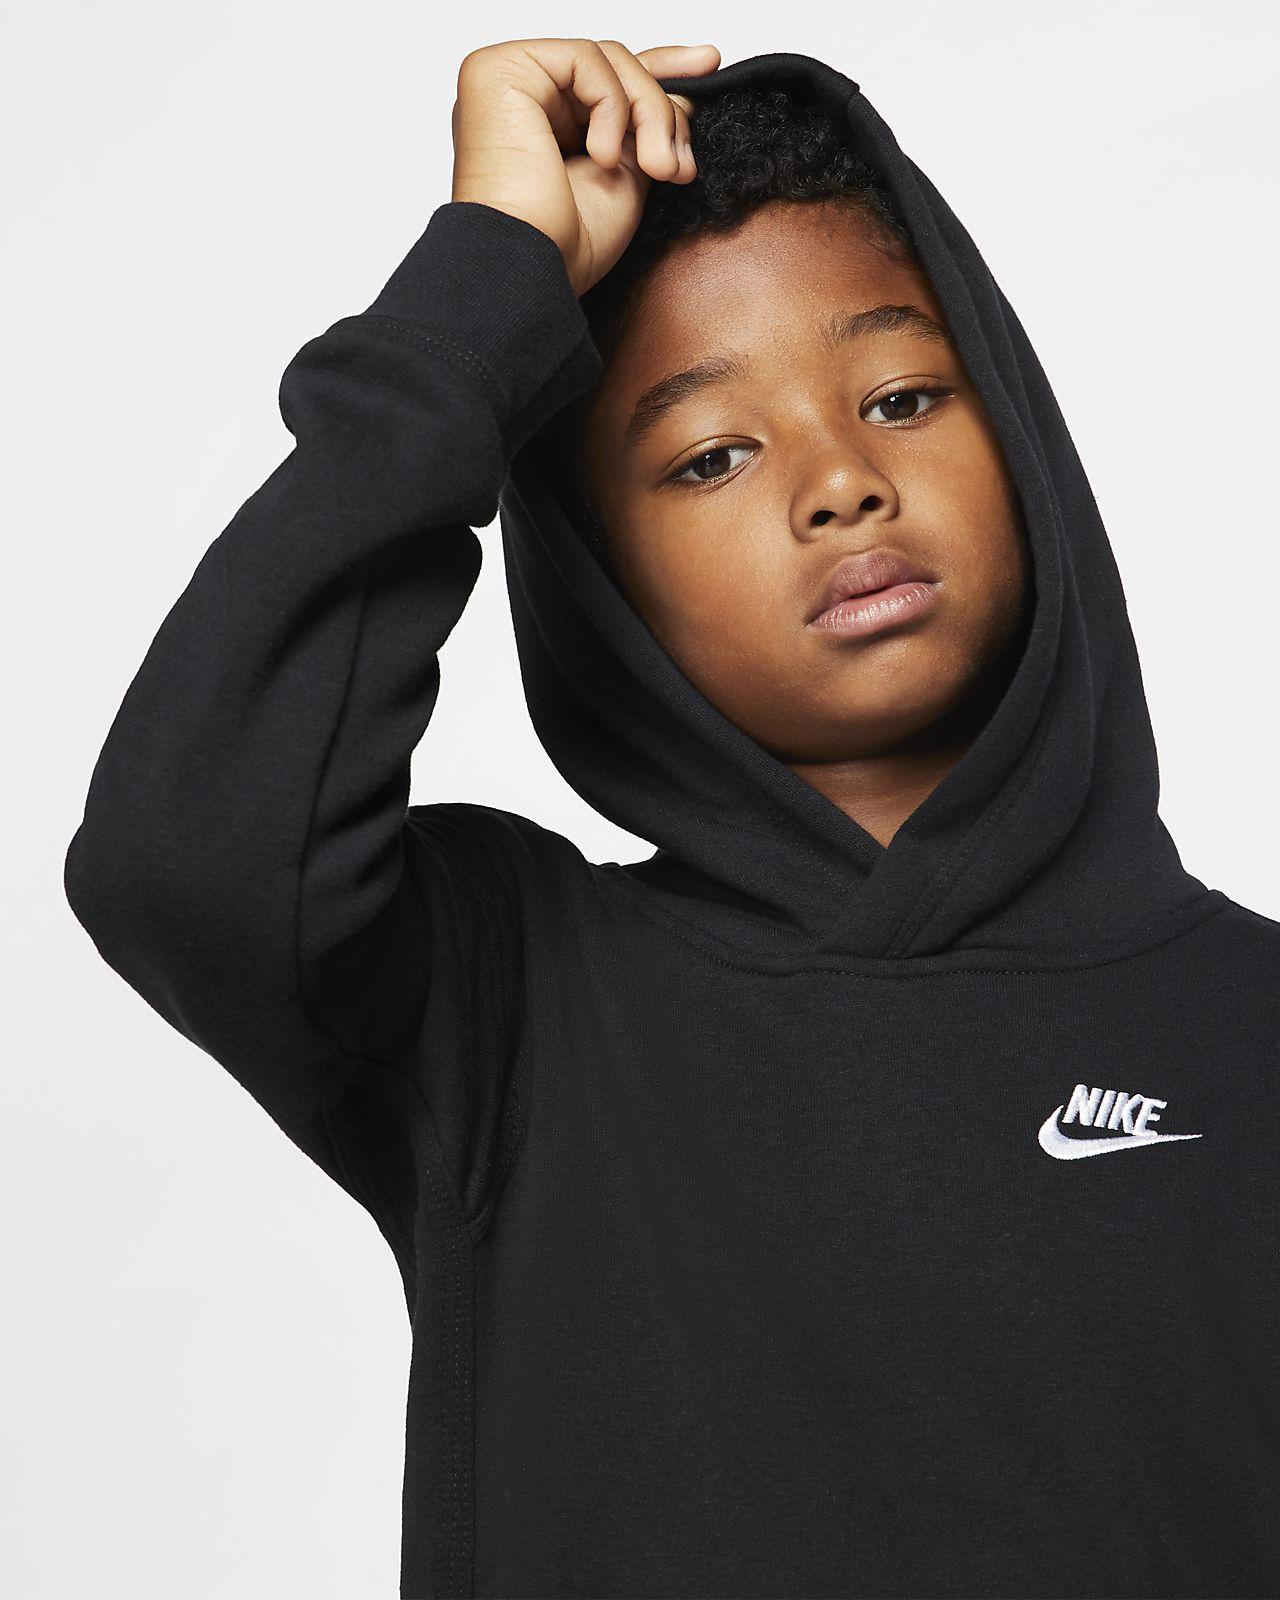 Nike : Men's Hoodies & Sweatshirts : Target